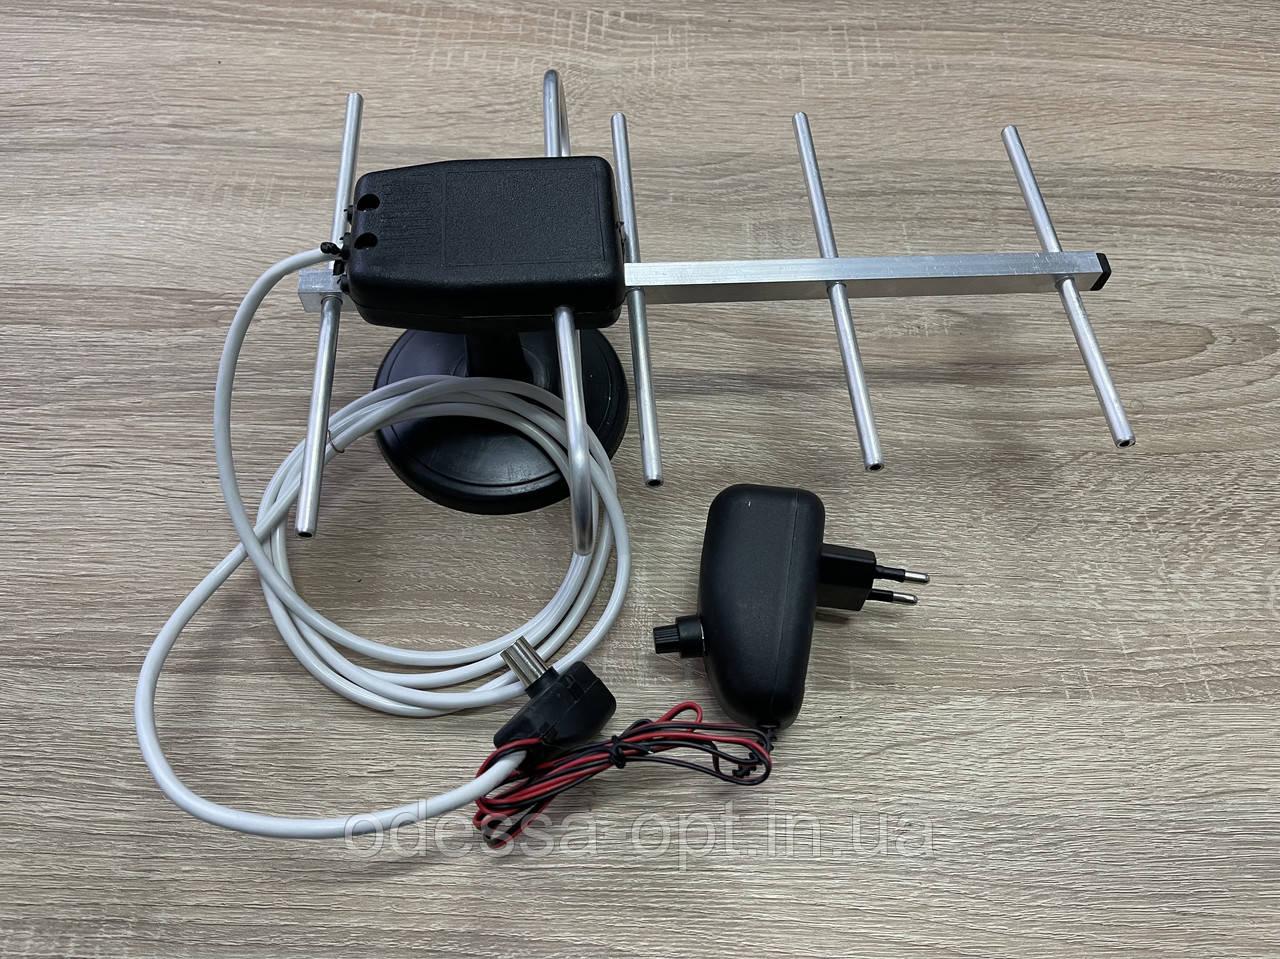 Антена кімнатна ДМВ (хвиля) з підсилювачем